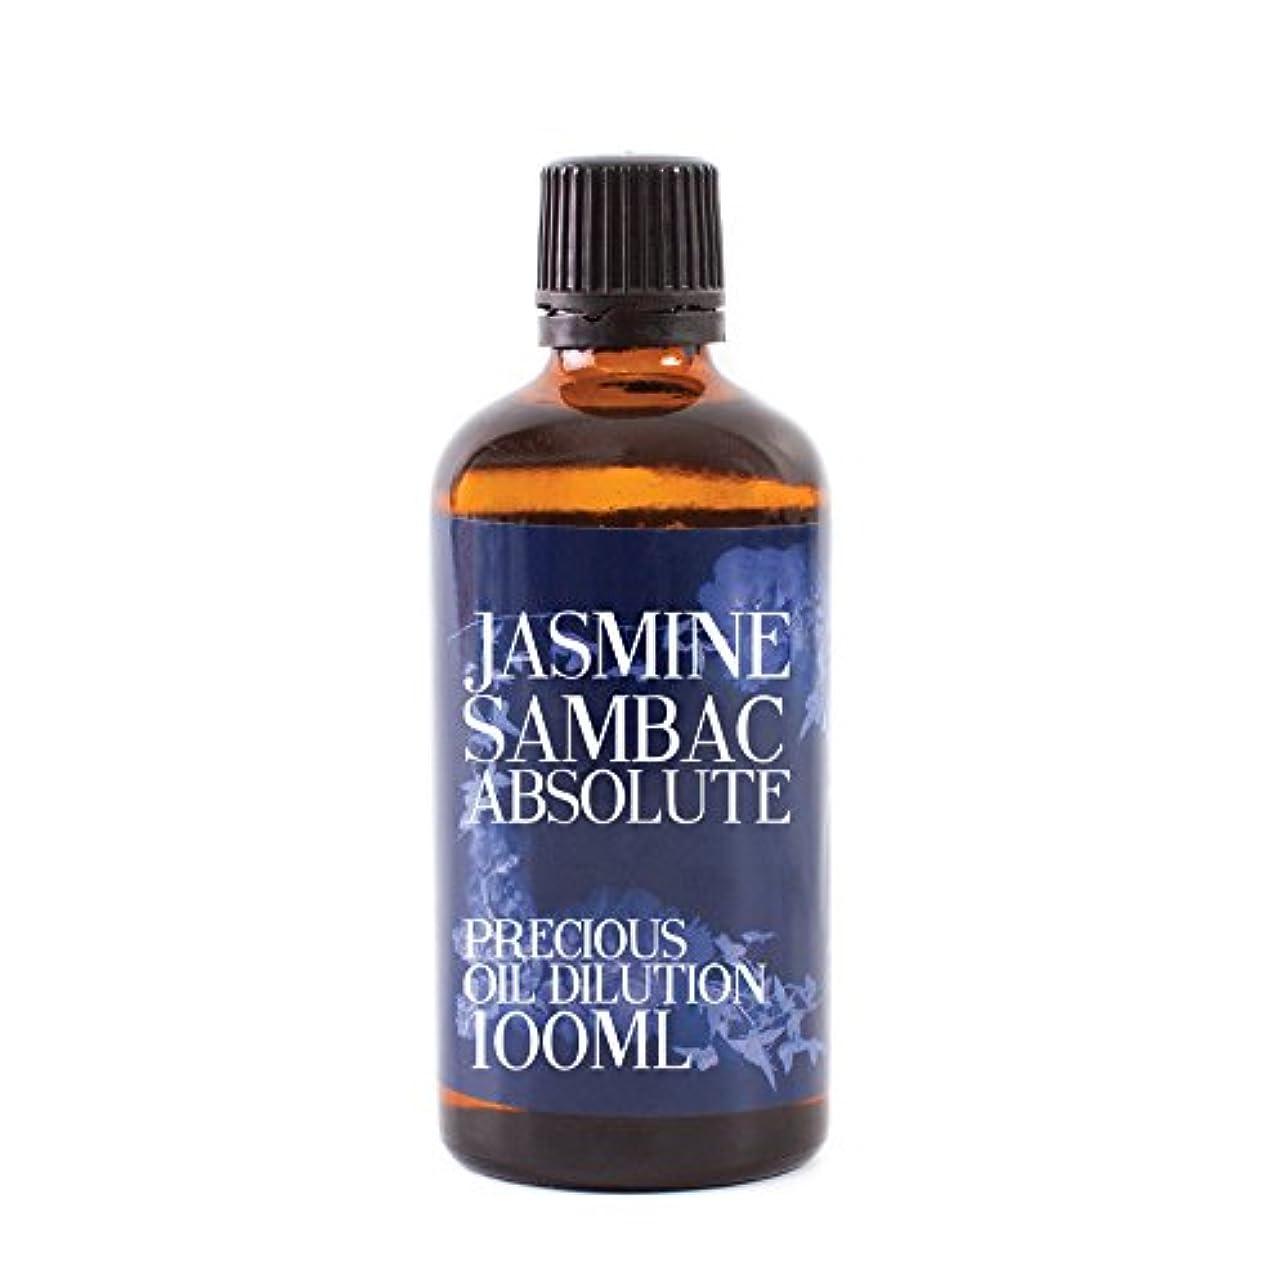 劇的酔っ払いゲートウェイJasmine Sambac Absolute Oil Dilution - 100ml - 3% Jojoba Blend